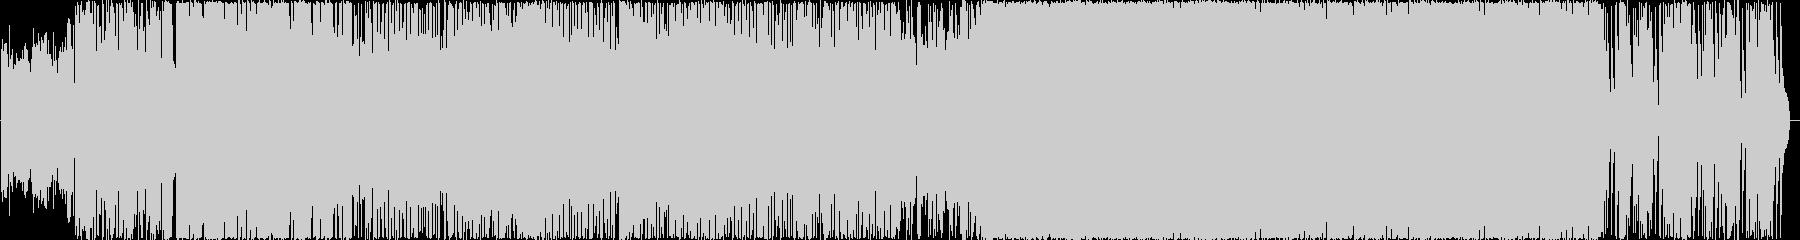 激しいデジタルロック曲の未再生の波形